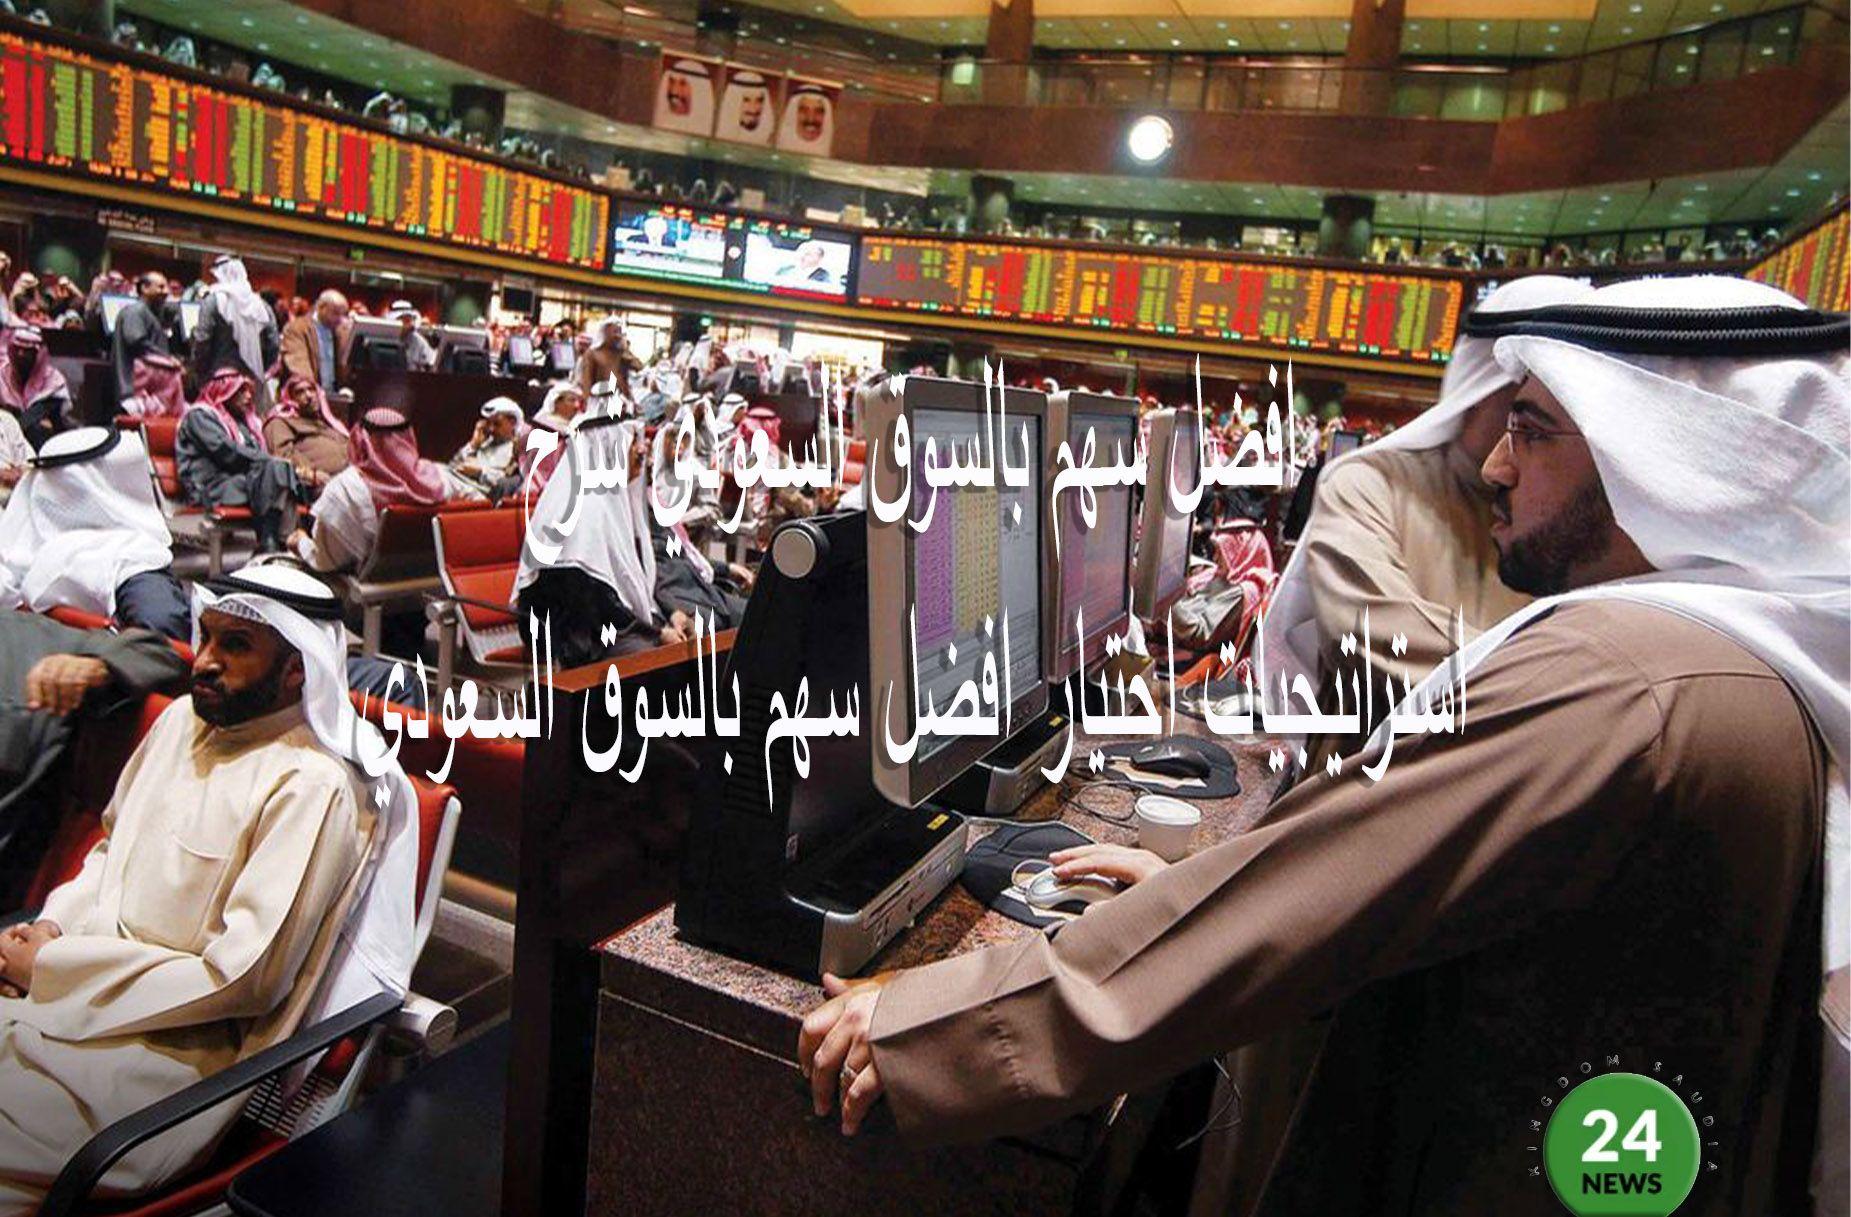 افضل سهم بالسوق السعودي شرح استراتيجيات اختيار افضل سهم بالسوق السعودي Roberta